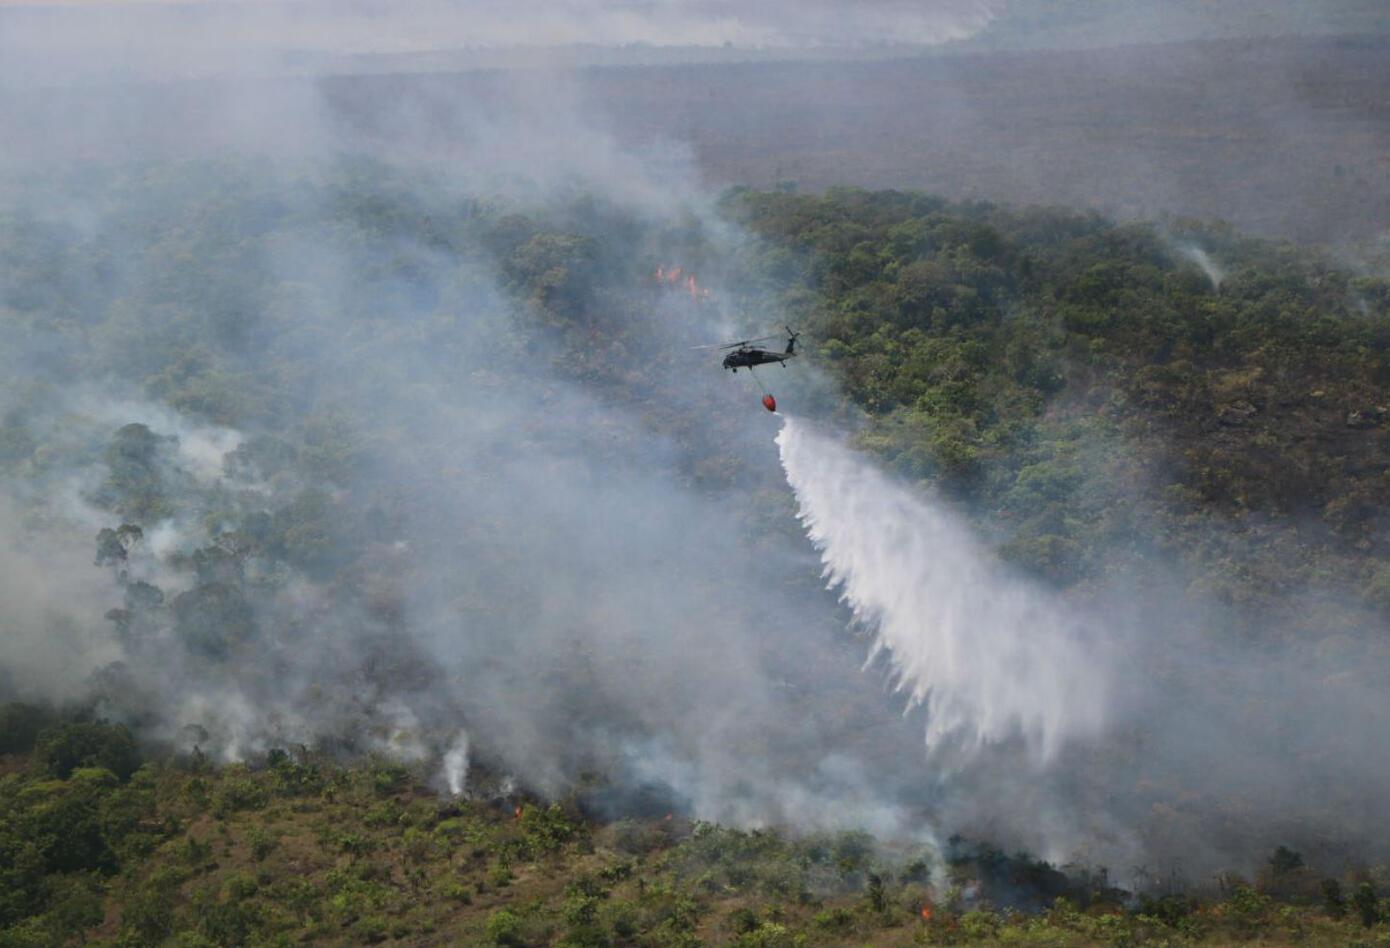 Incendio en Parque Nacional La Macarena